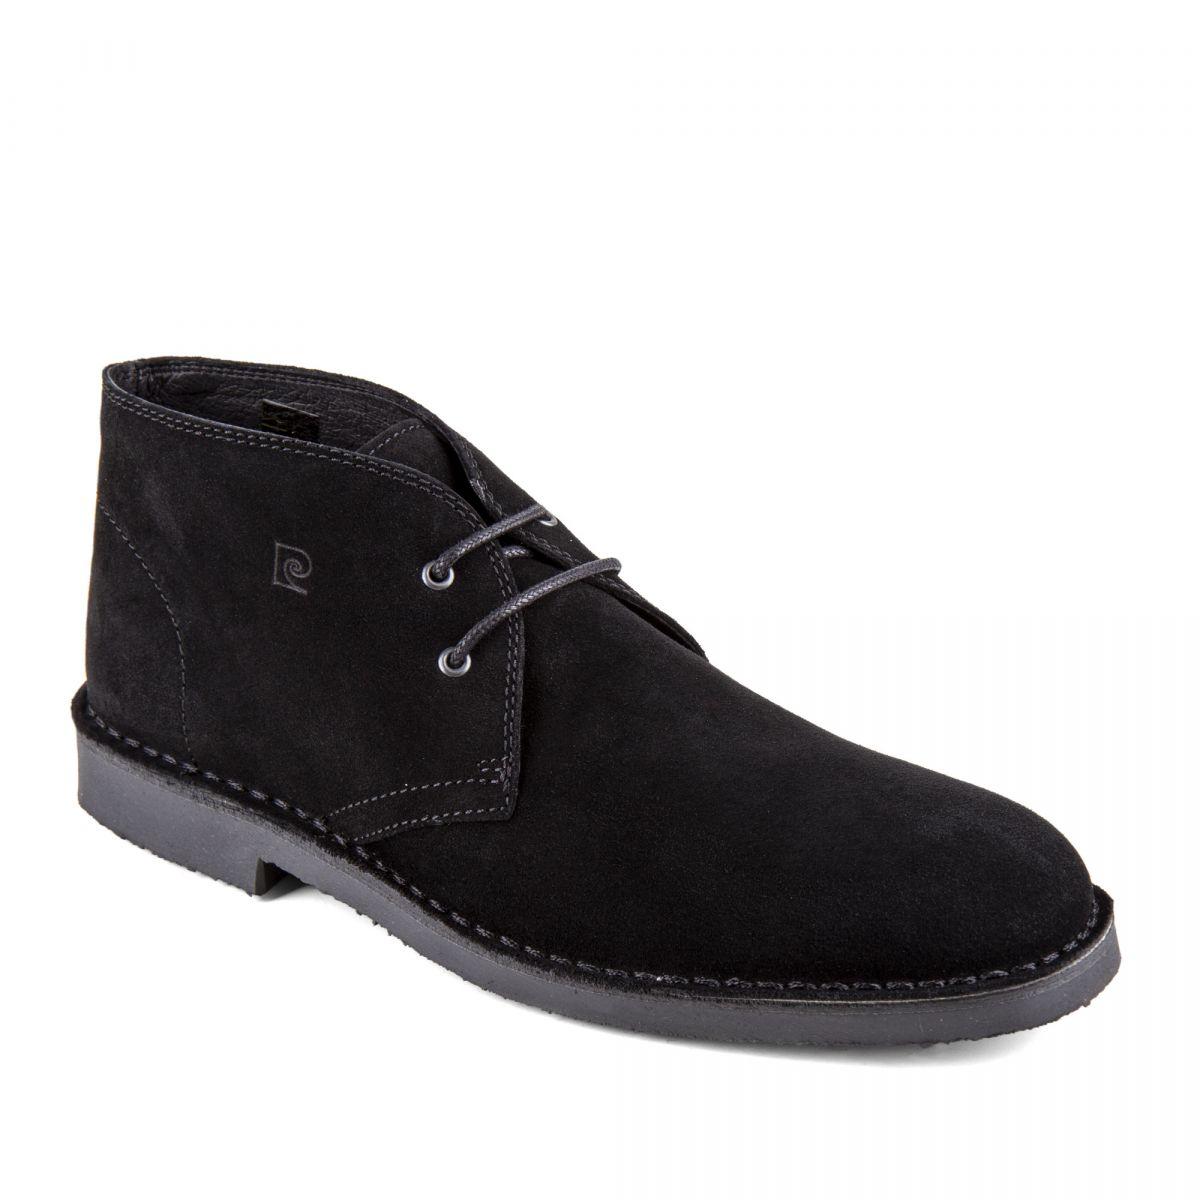 Chaussures Galo Pierre Noires Cuir Homme Retourné Montantes Derbies vbfy7gY6